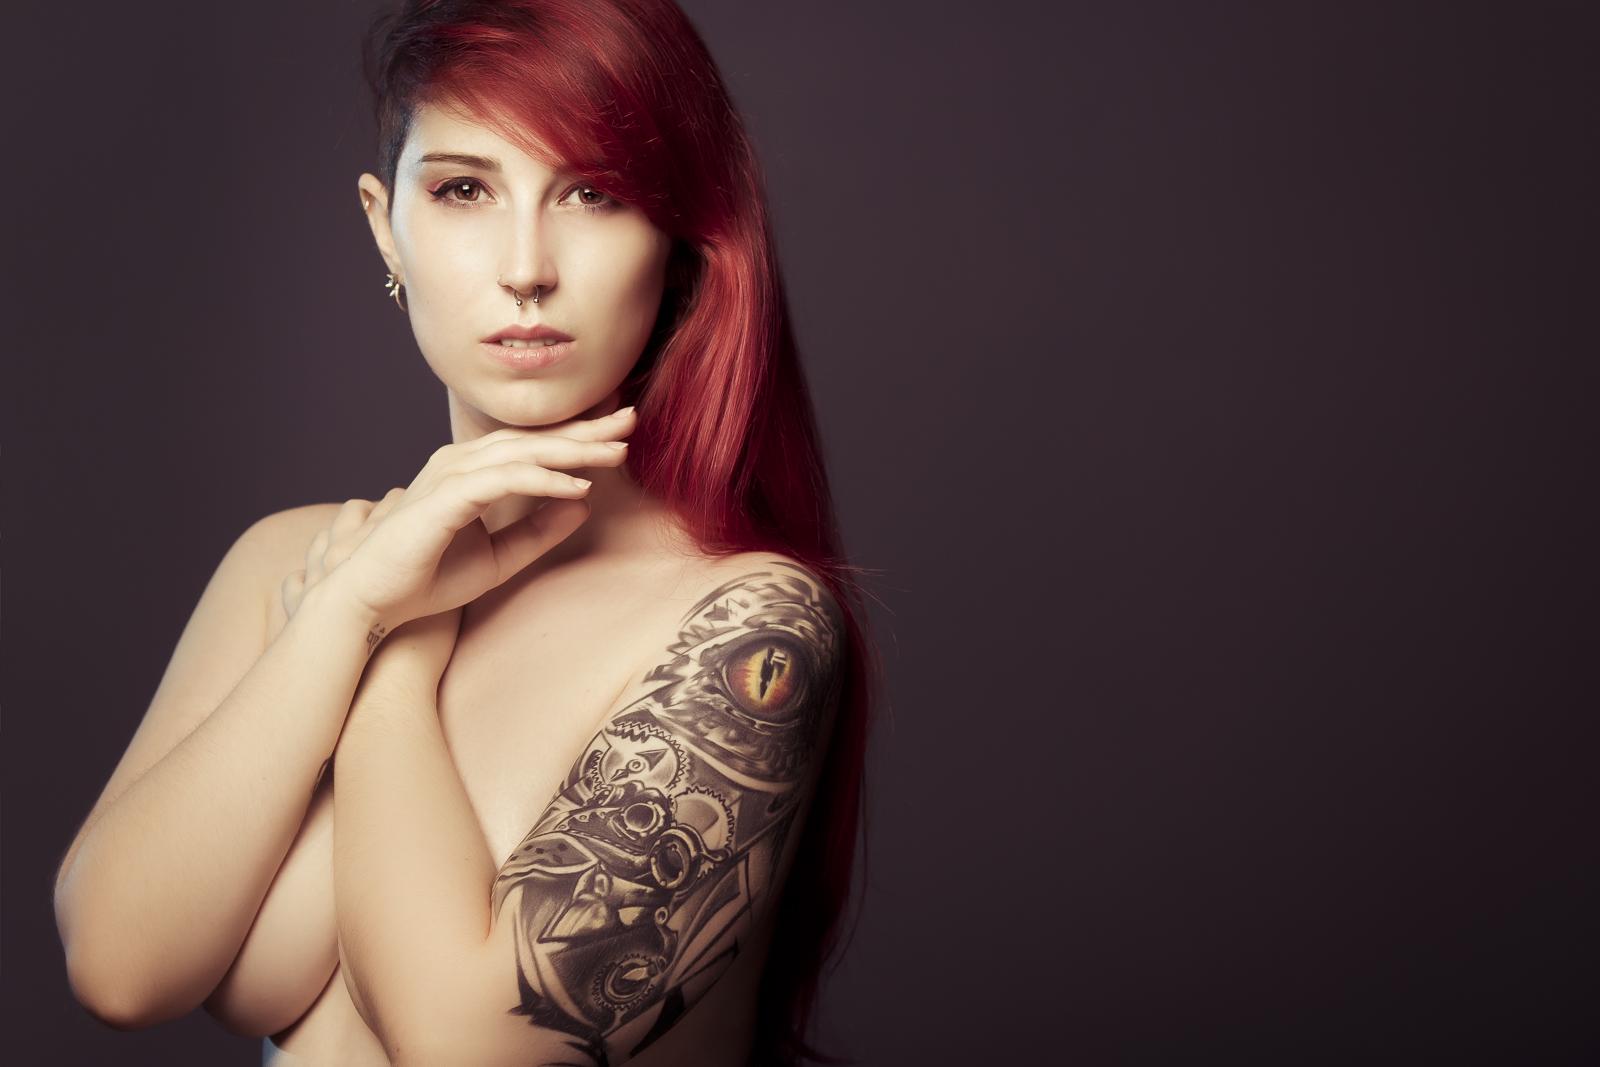 Ser modelo modelo alternativa - Fotografia desnudo masculino ...